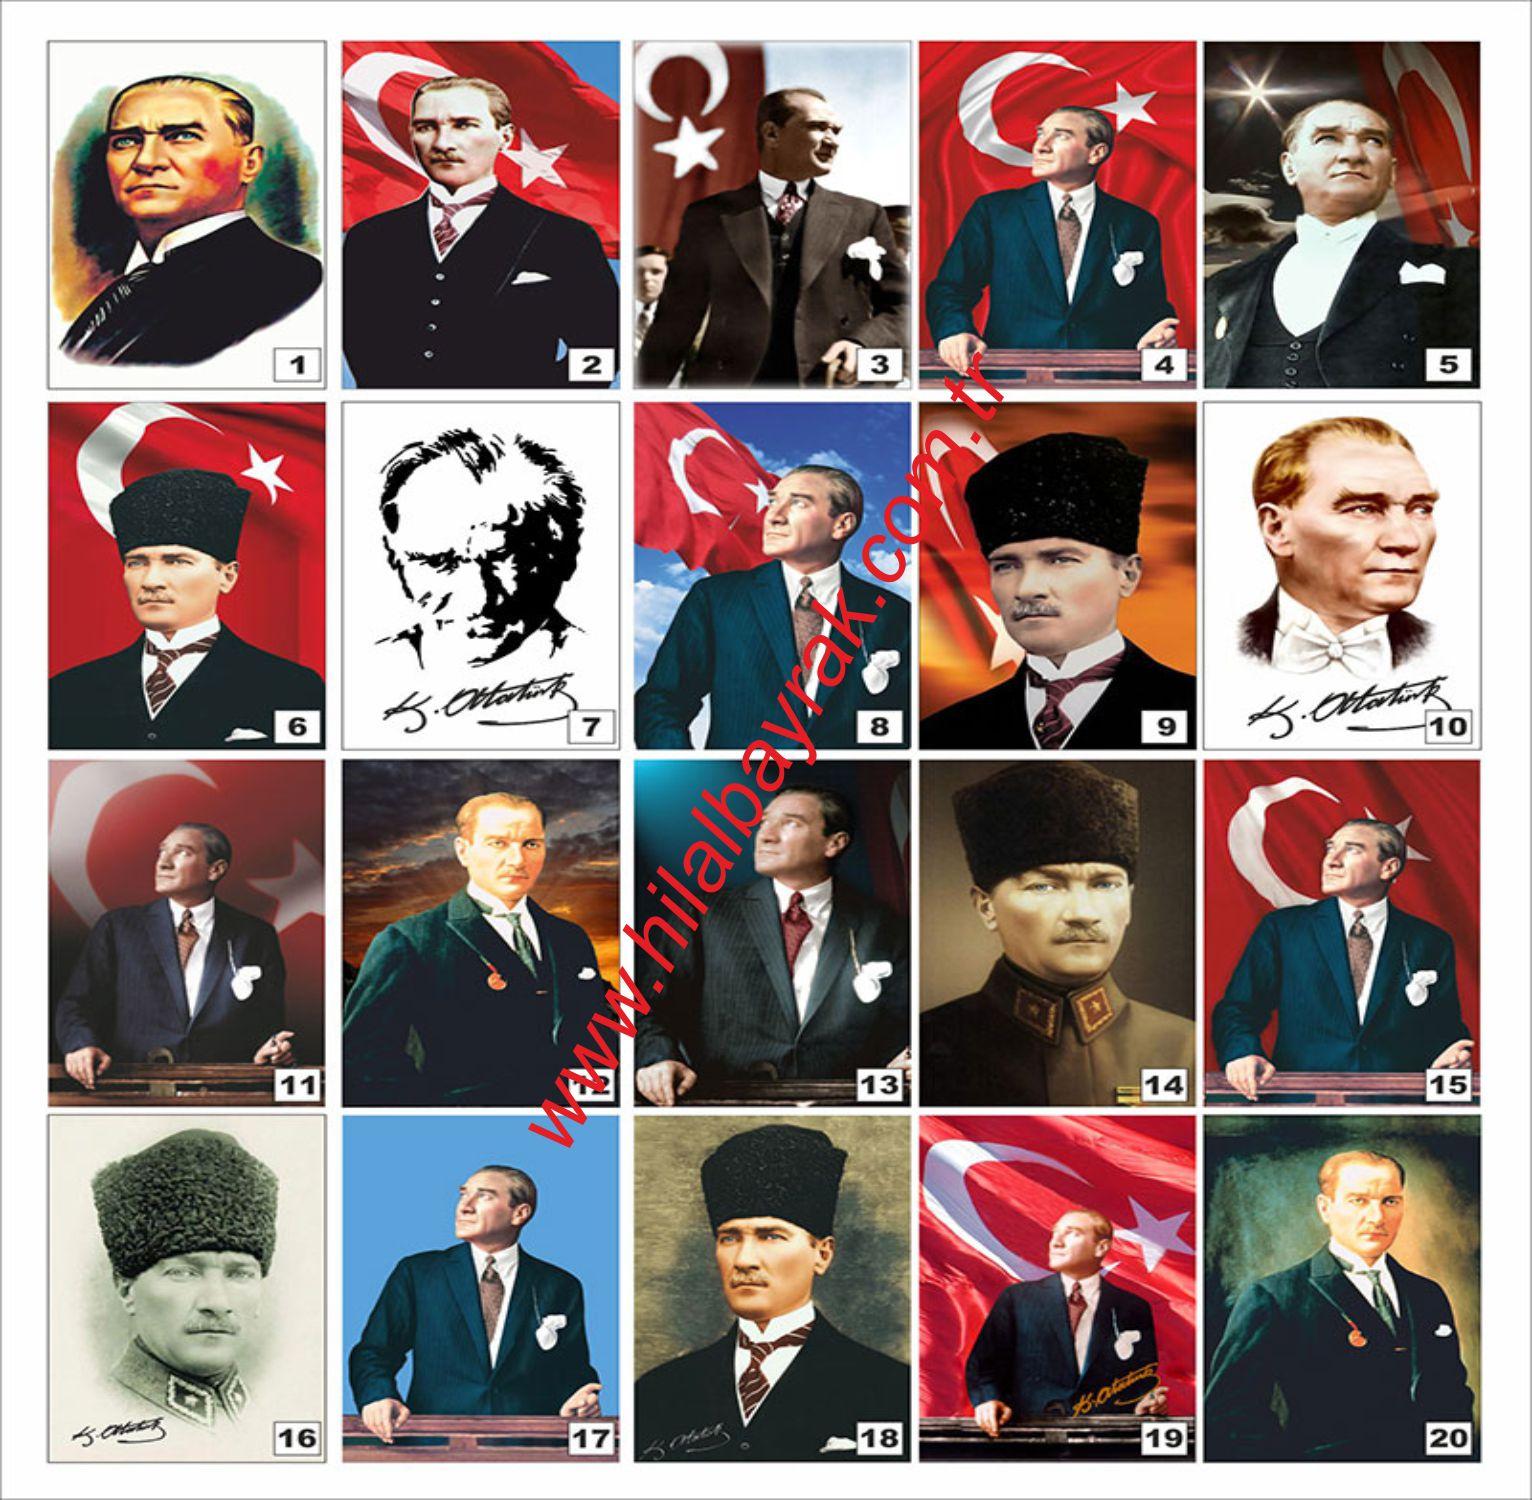 Atatürk posteri, poster bayrak, Atatürk posteri, Posterler, Atatürk posterleri, dijital baskılı, vinil poster, kanvas poster, dijital baskıimalat ve satış ÜMRANİYE İSTANBU Atatürk posteri, poster, dijital baskı, vinil baskı, kanvas, dijital baskı, dijital baskı, merkezi, reklamcılık, vinil baskı, posterler digital, baskı digital, poster kanvas, poster bayrak, Büyükebat poster, dijital baskılı, vinil poster, kanvas poster, Poster çeşitleri ile 7/24 hizmetinizdeyiz. Ümraniye Poster Bayrak